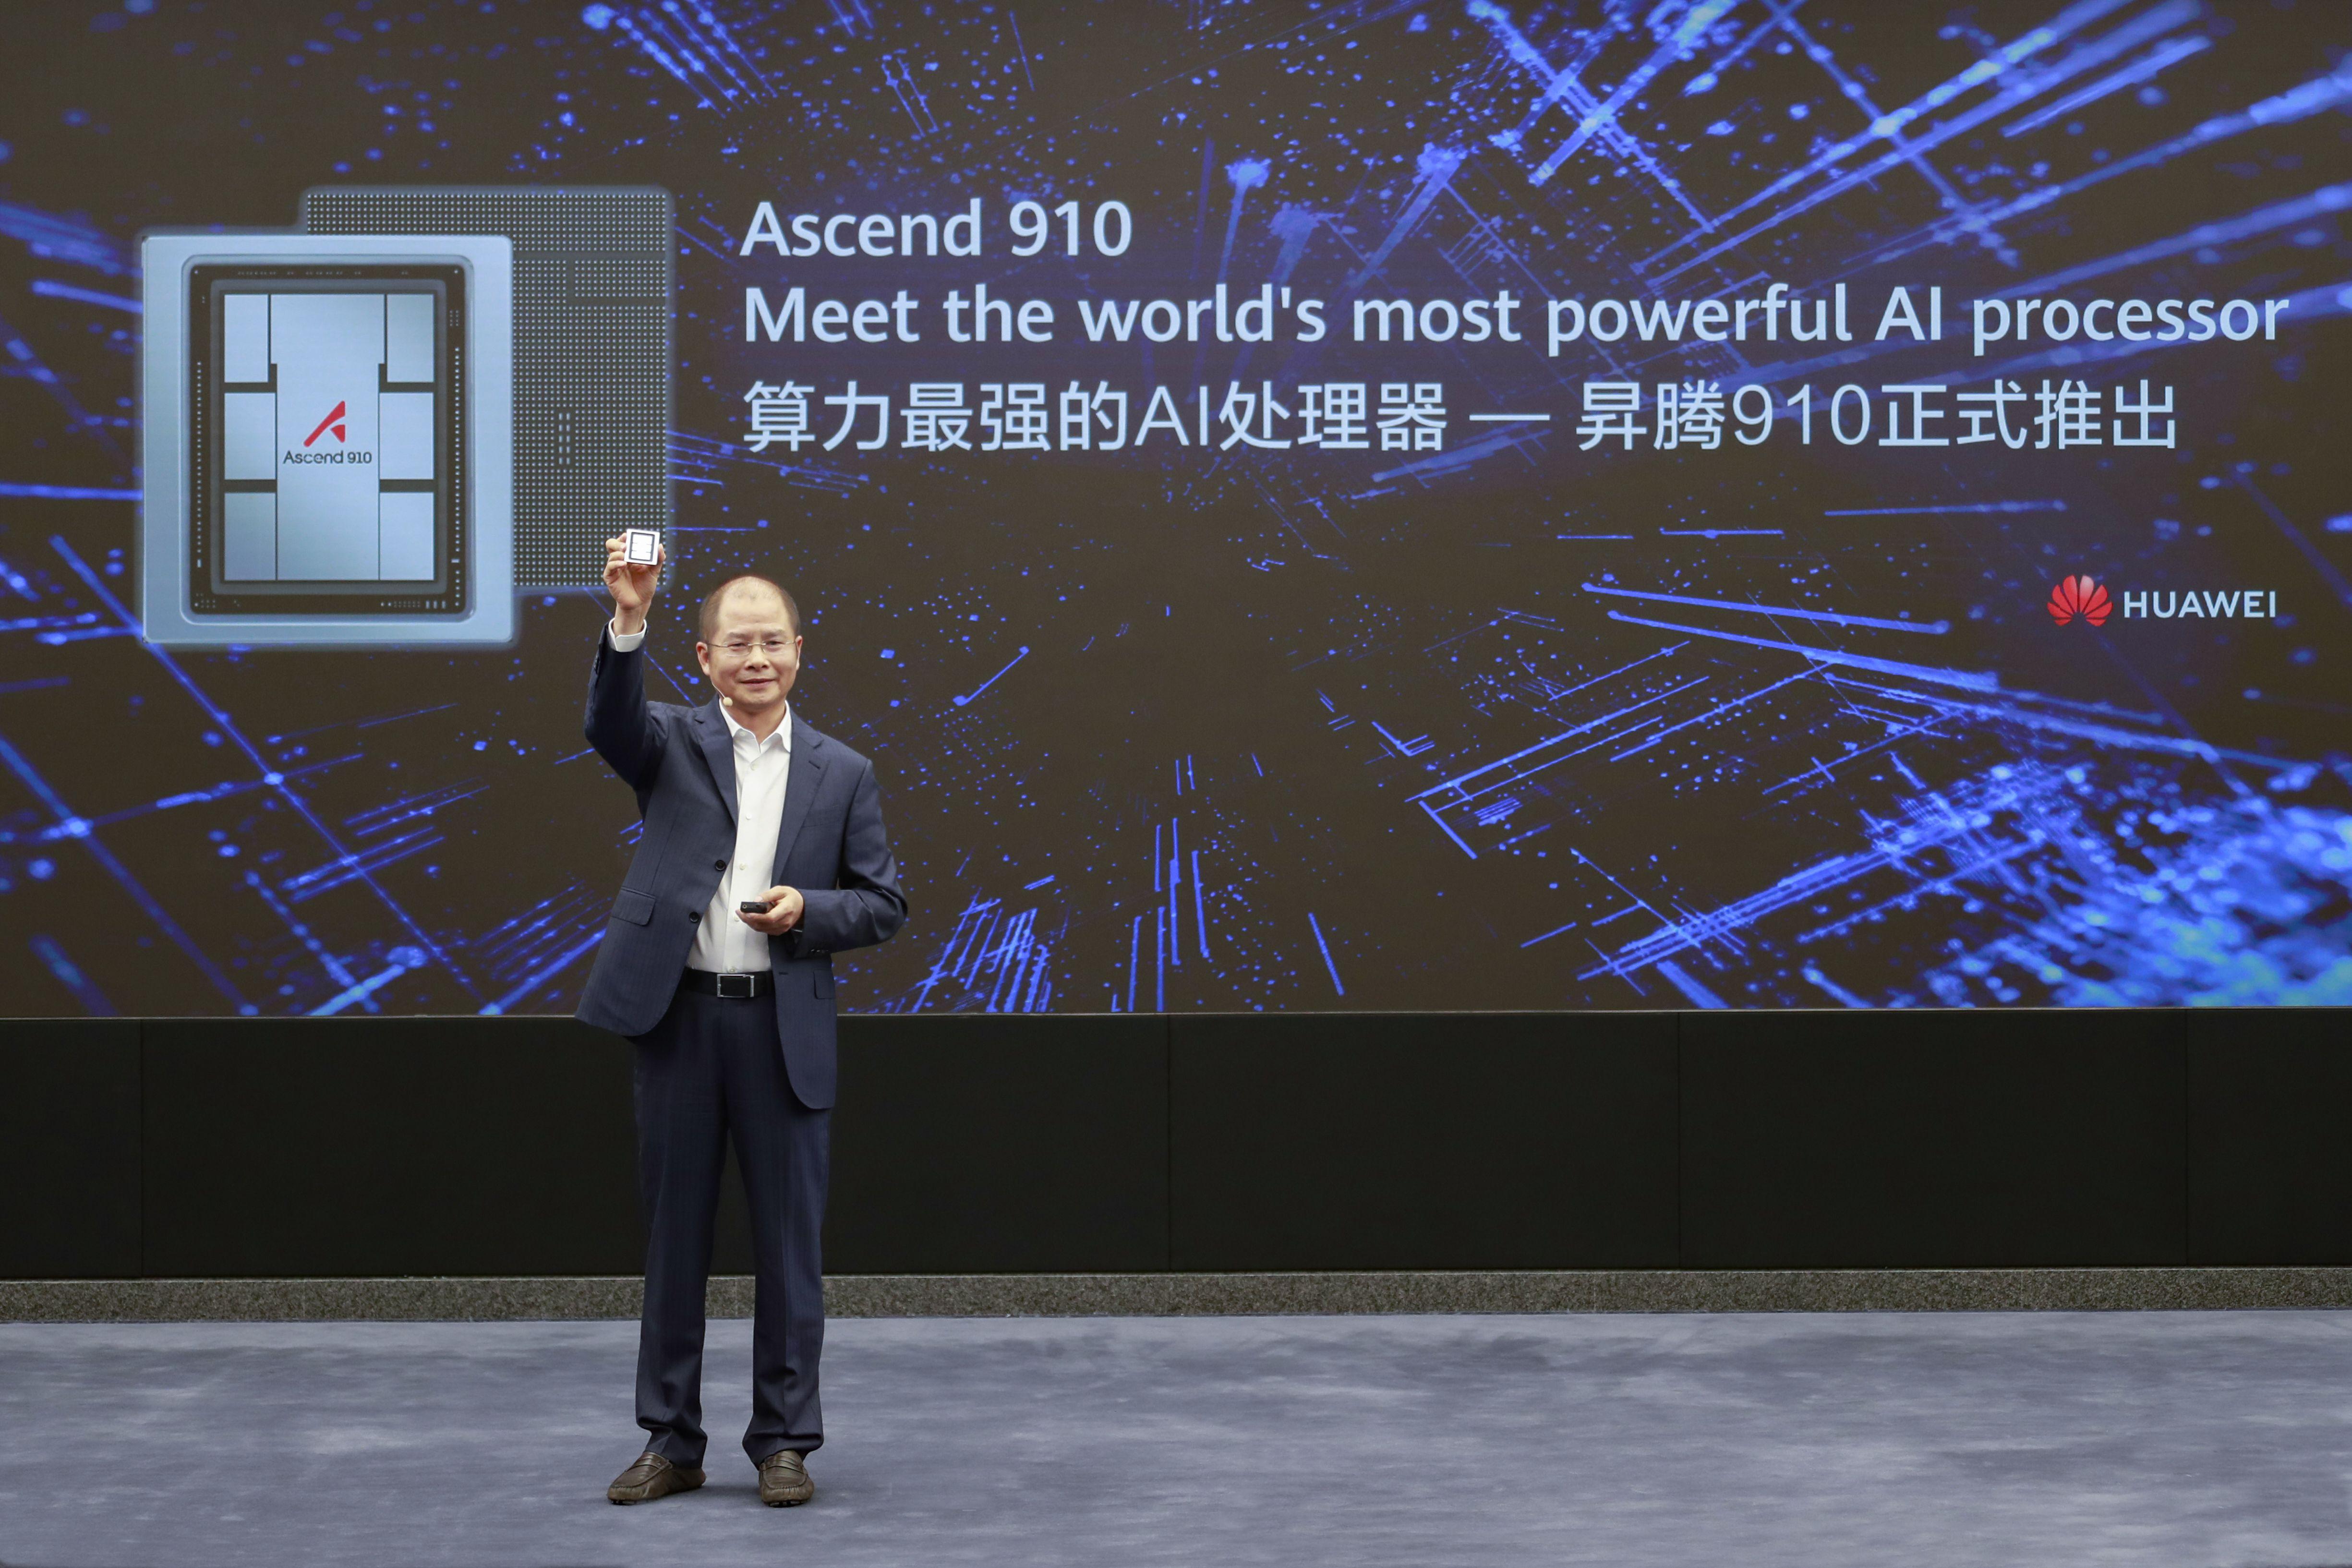 """هواوي تطلق أسيند 910 """"Ascend 910"""" أقوى معالج للذكاء الاصطناعي في العالم"""